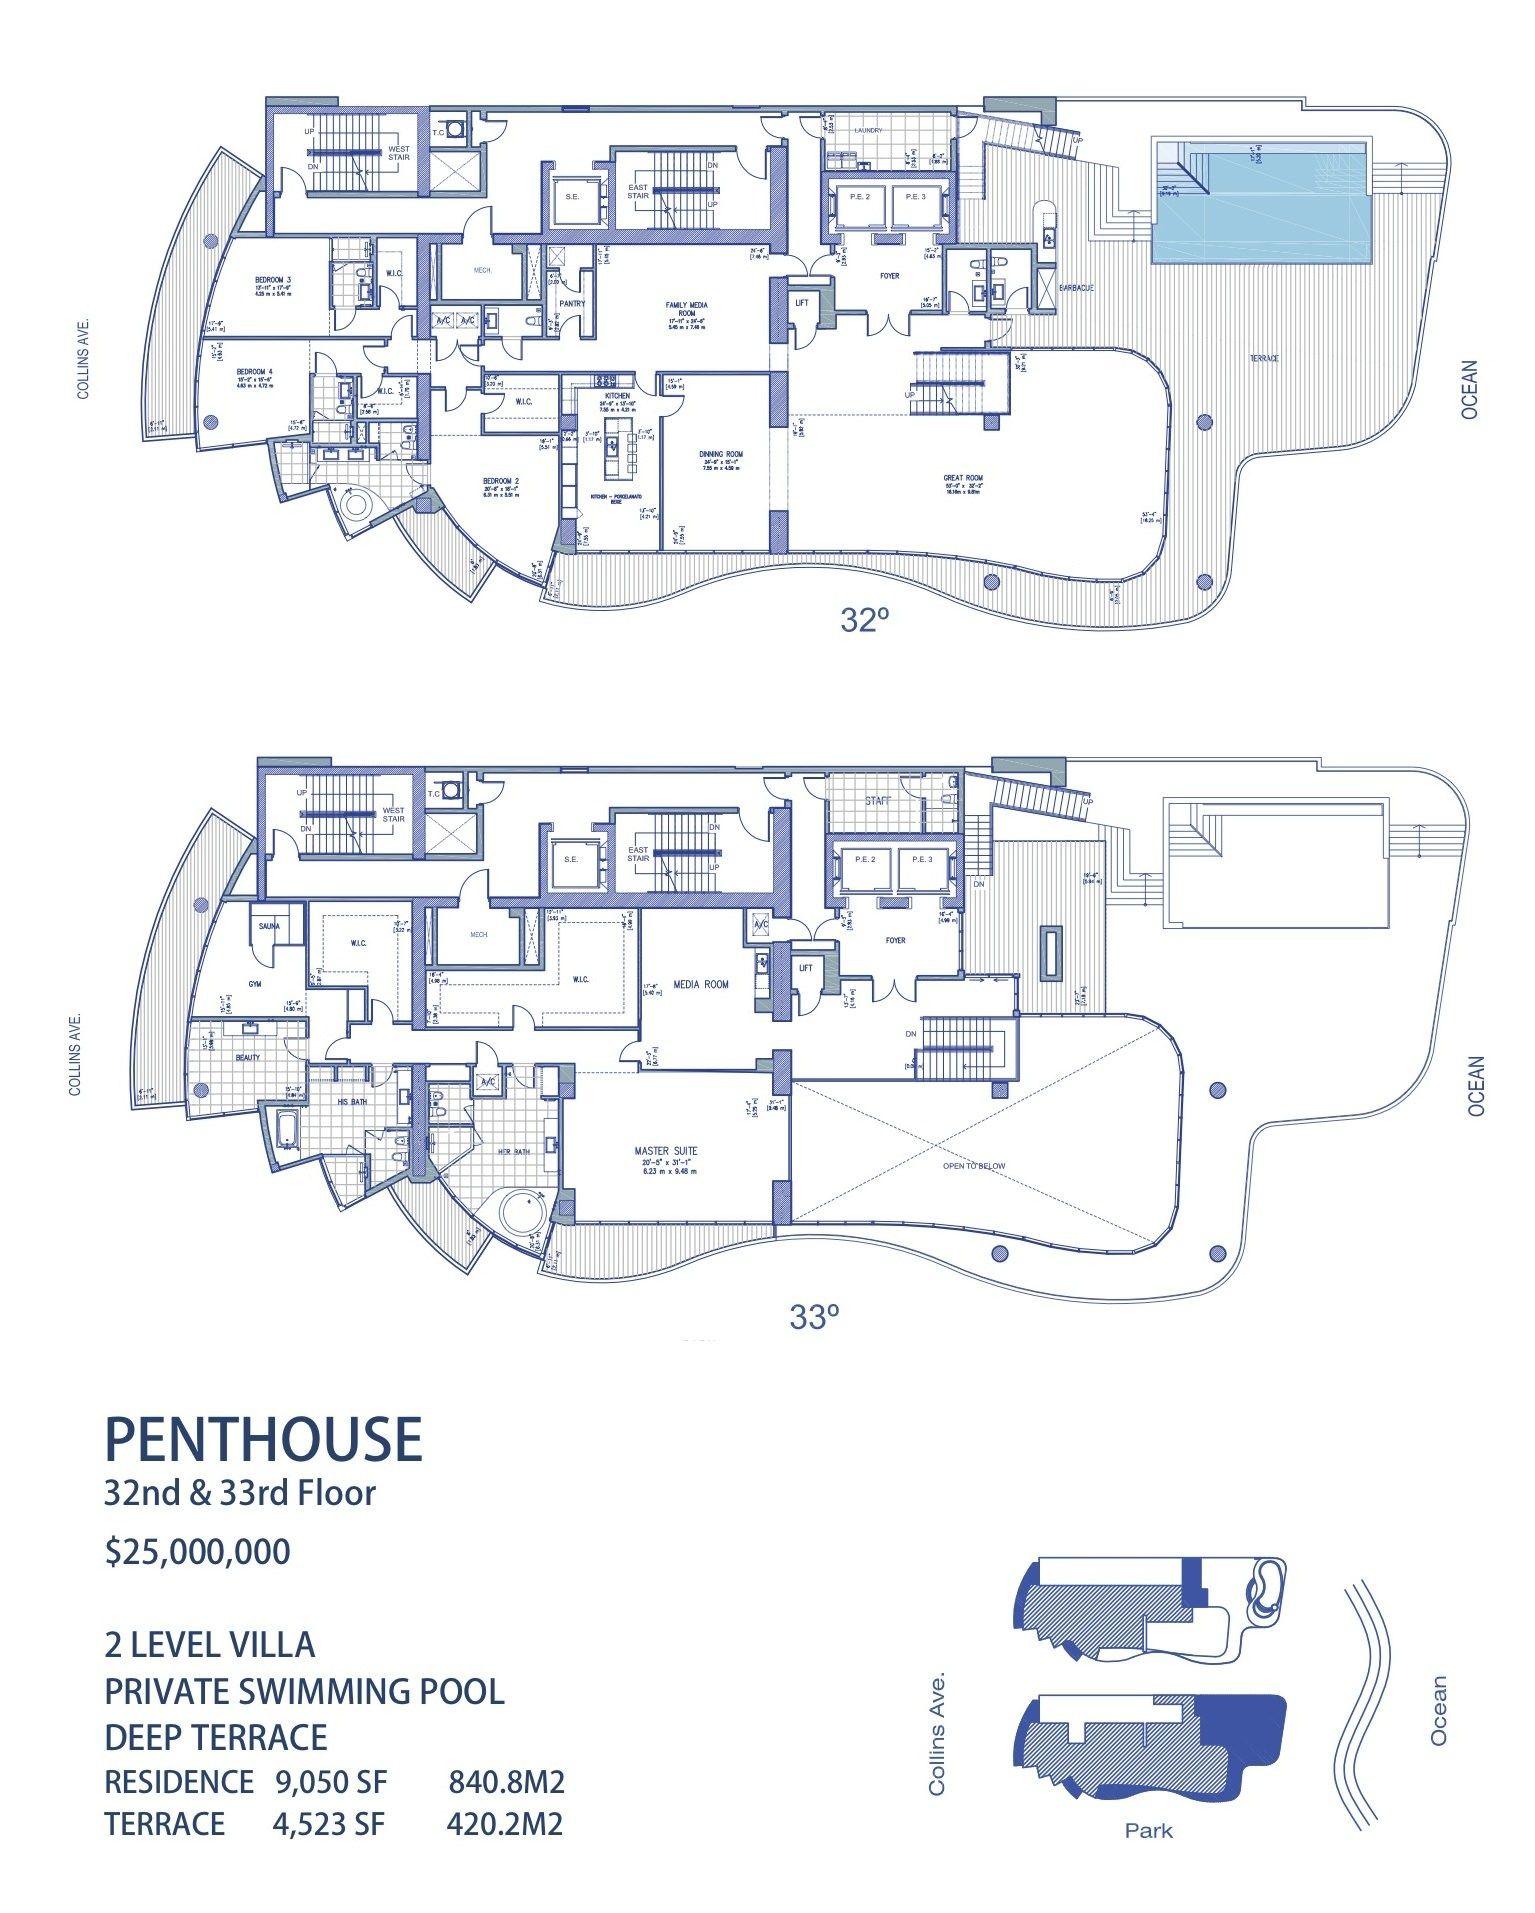 Chateau Beach Penthouse Site Duplex Floor Plans Penthouse Apartment Floor Plan Condos For Sale